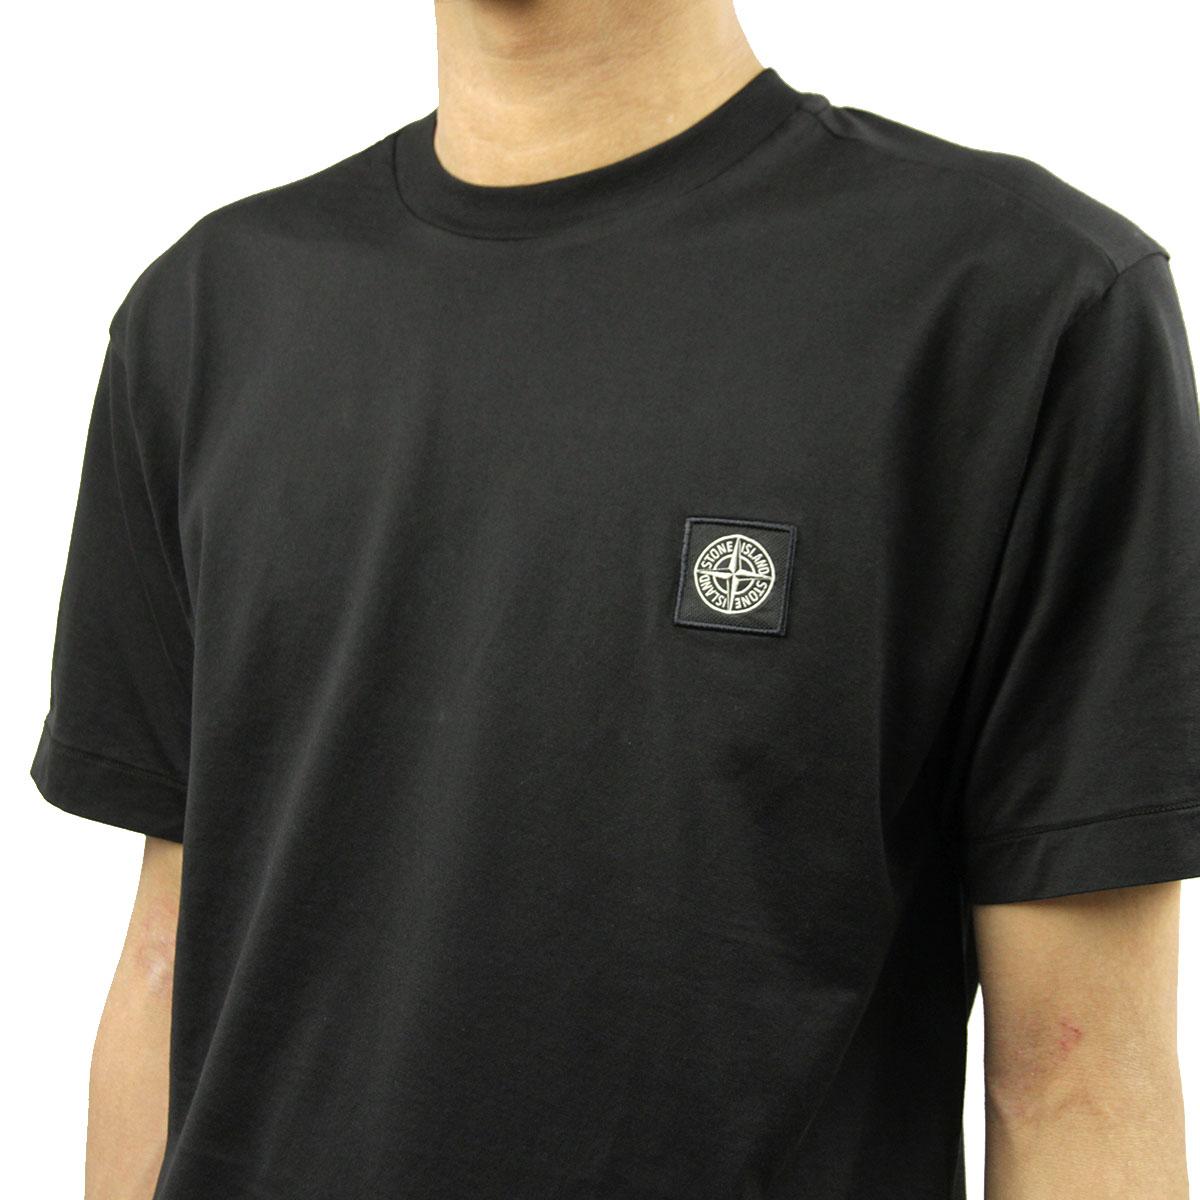 ストーンアイランド Tシャツ メンズ 正規品 STONE ISLAND 半袖Tシャツ T-SHIRT BLACK NERO 24113 V0029 AB4B B1C C1D D1E E13F